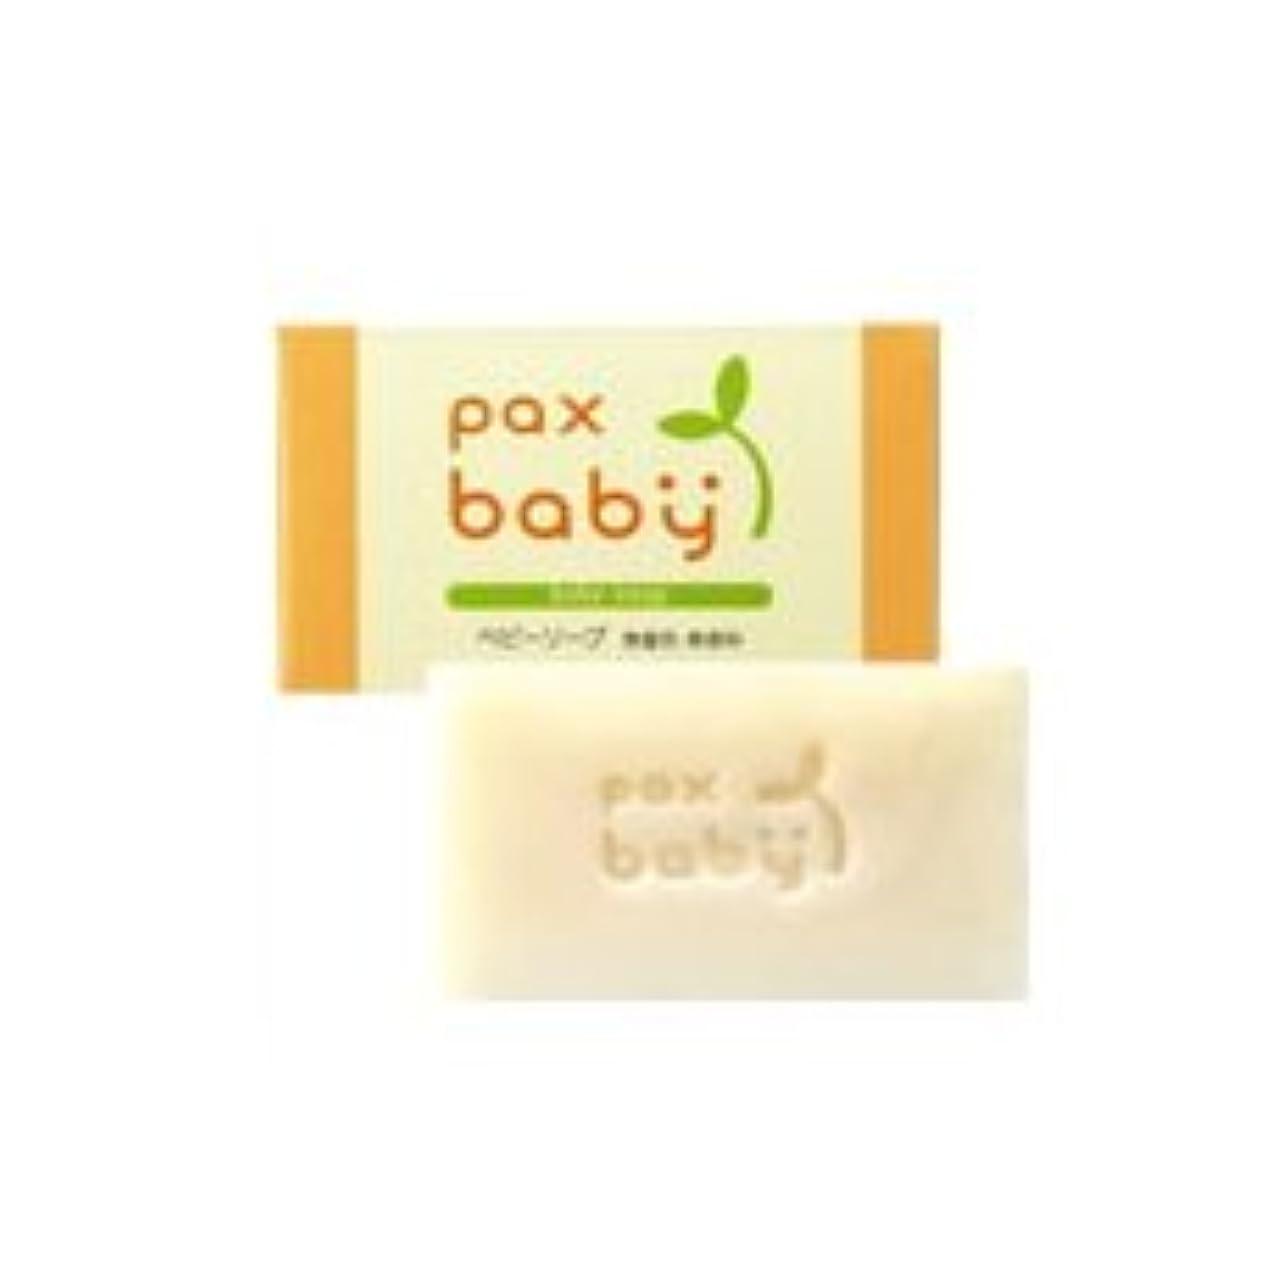 デッドロック繊毛散文太陽油脂 pax baby パックスベビー ソープ 100g[cosme]